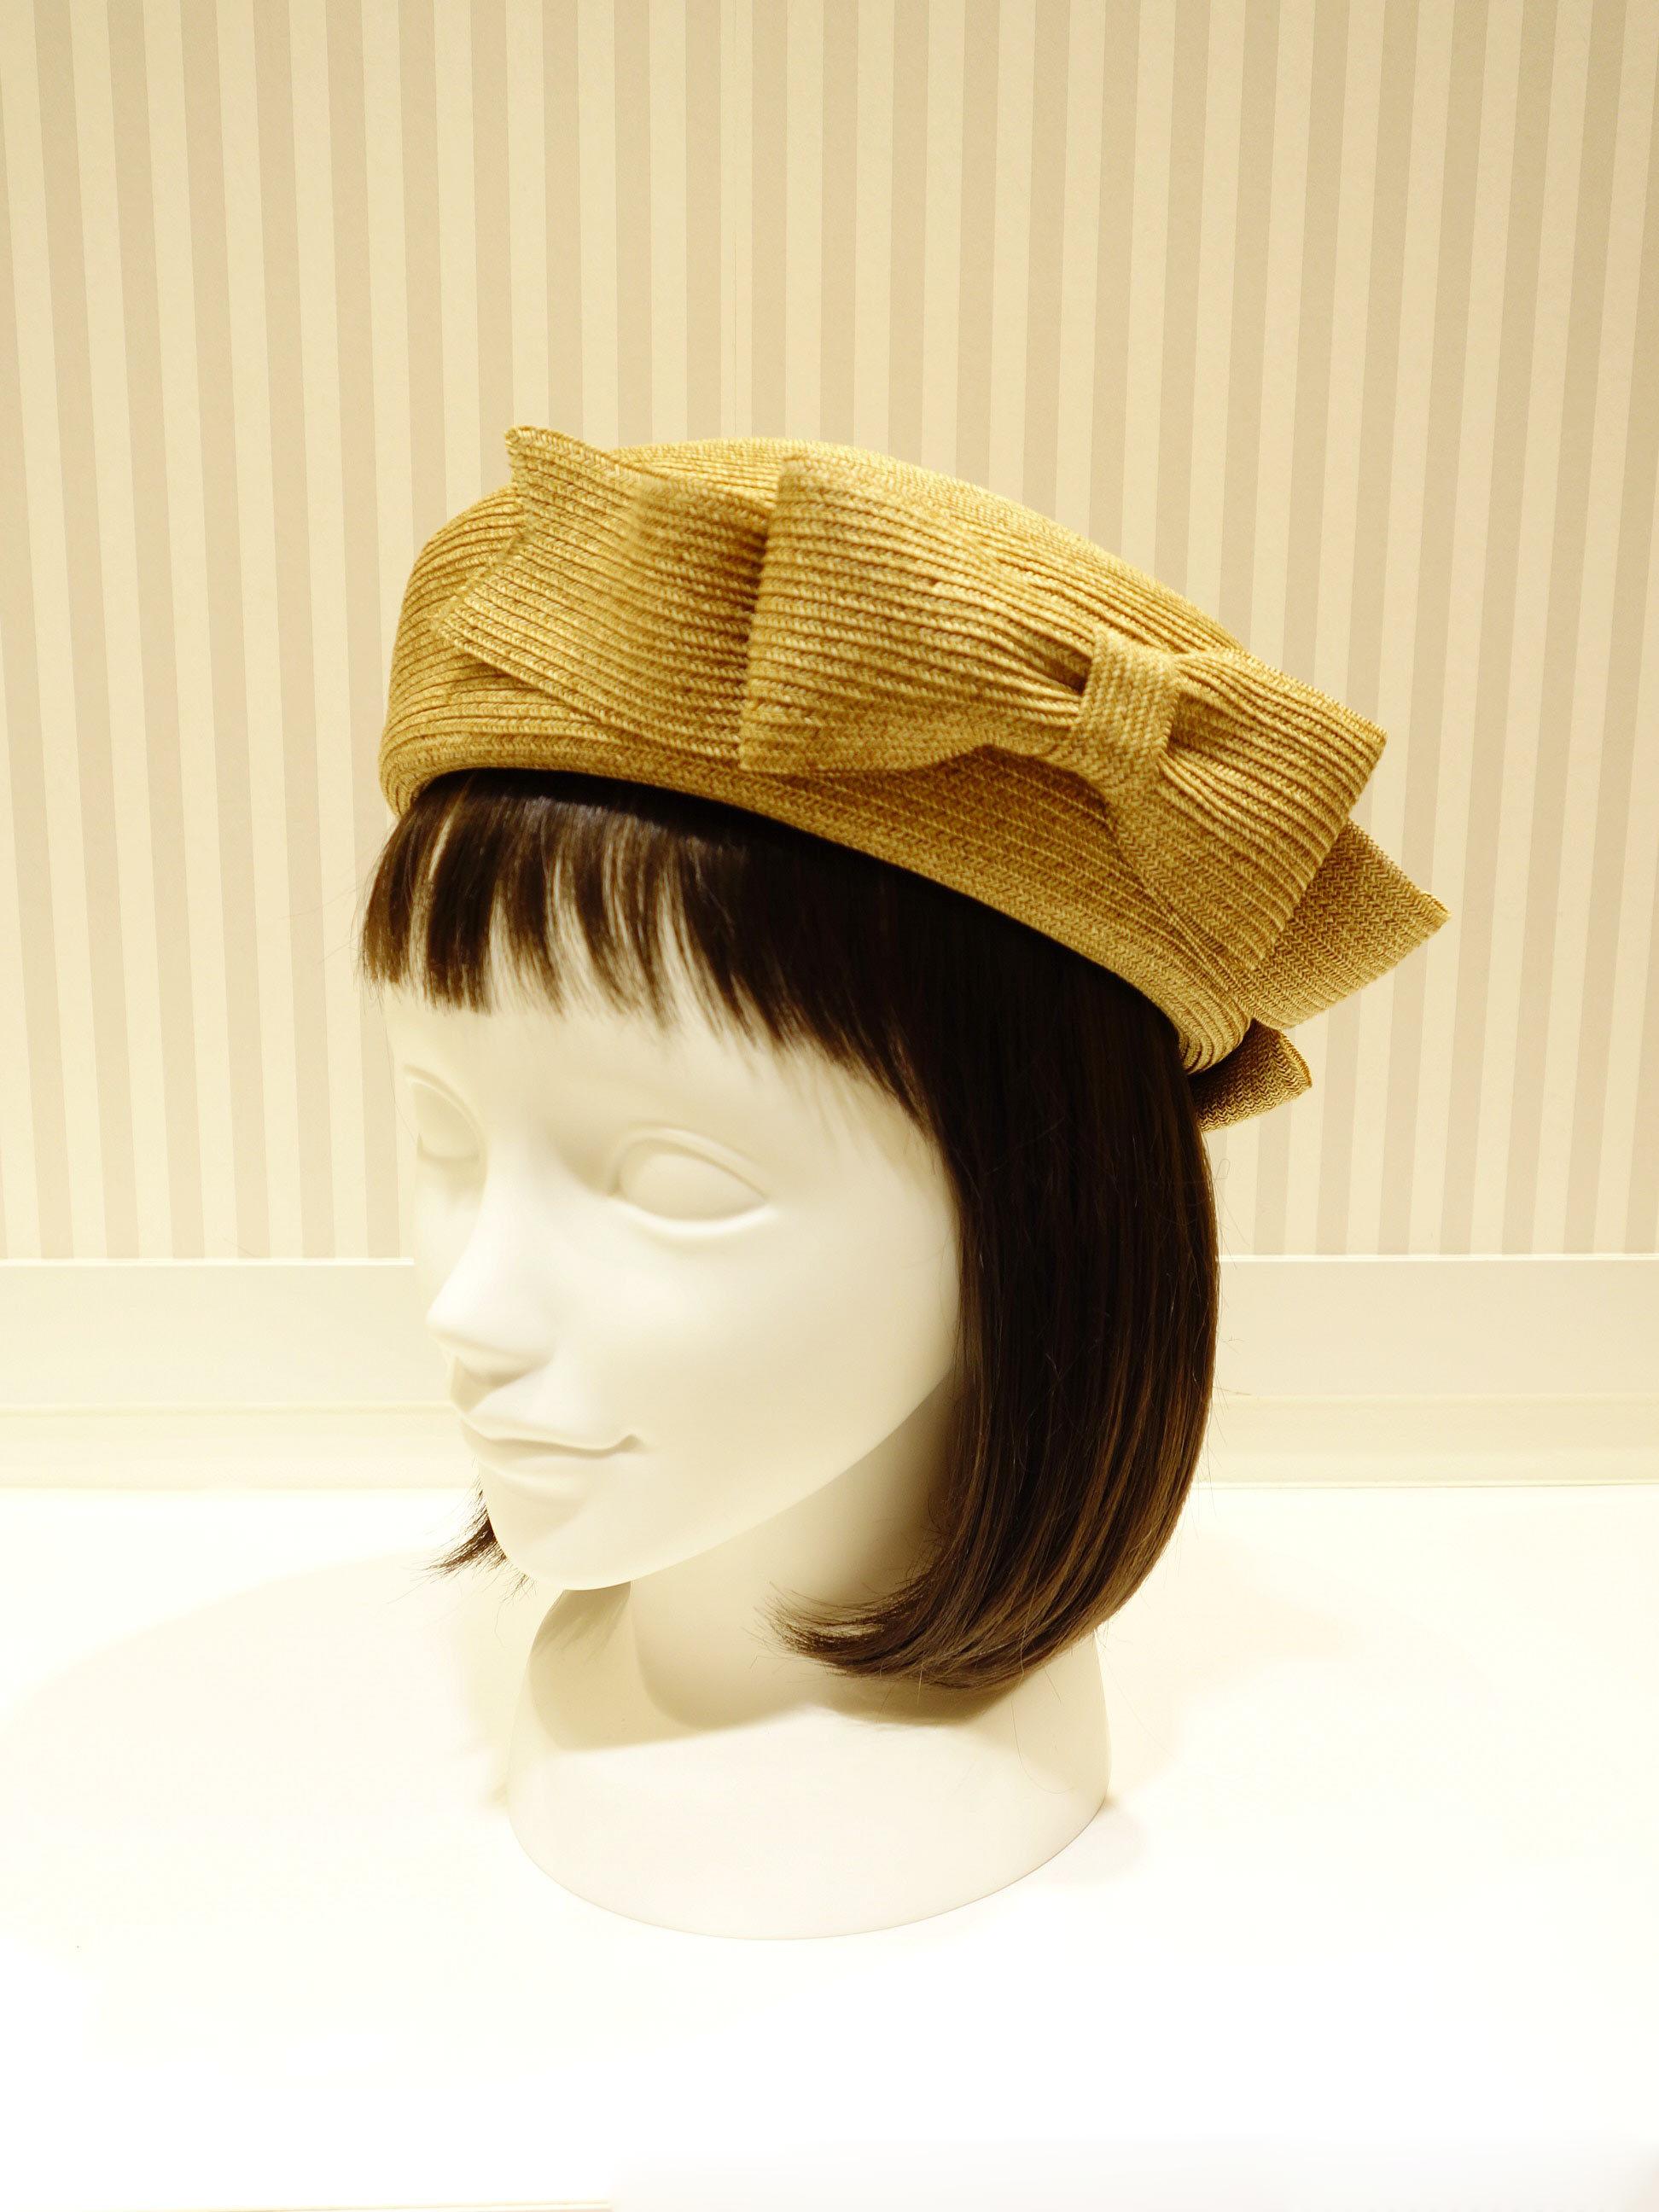 KEIKO IGATAさん帽子*新入荷しました*_e0167832_14065925.jpg